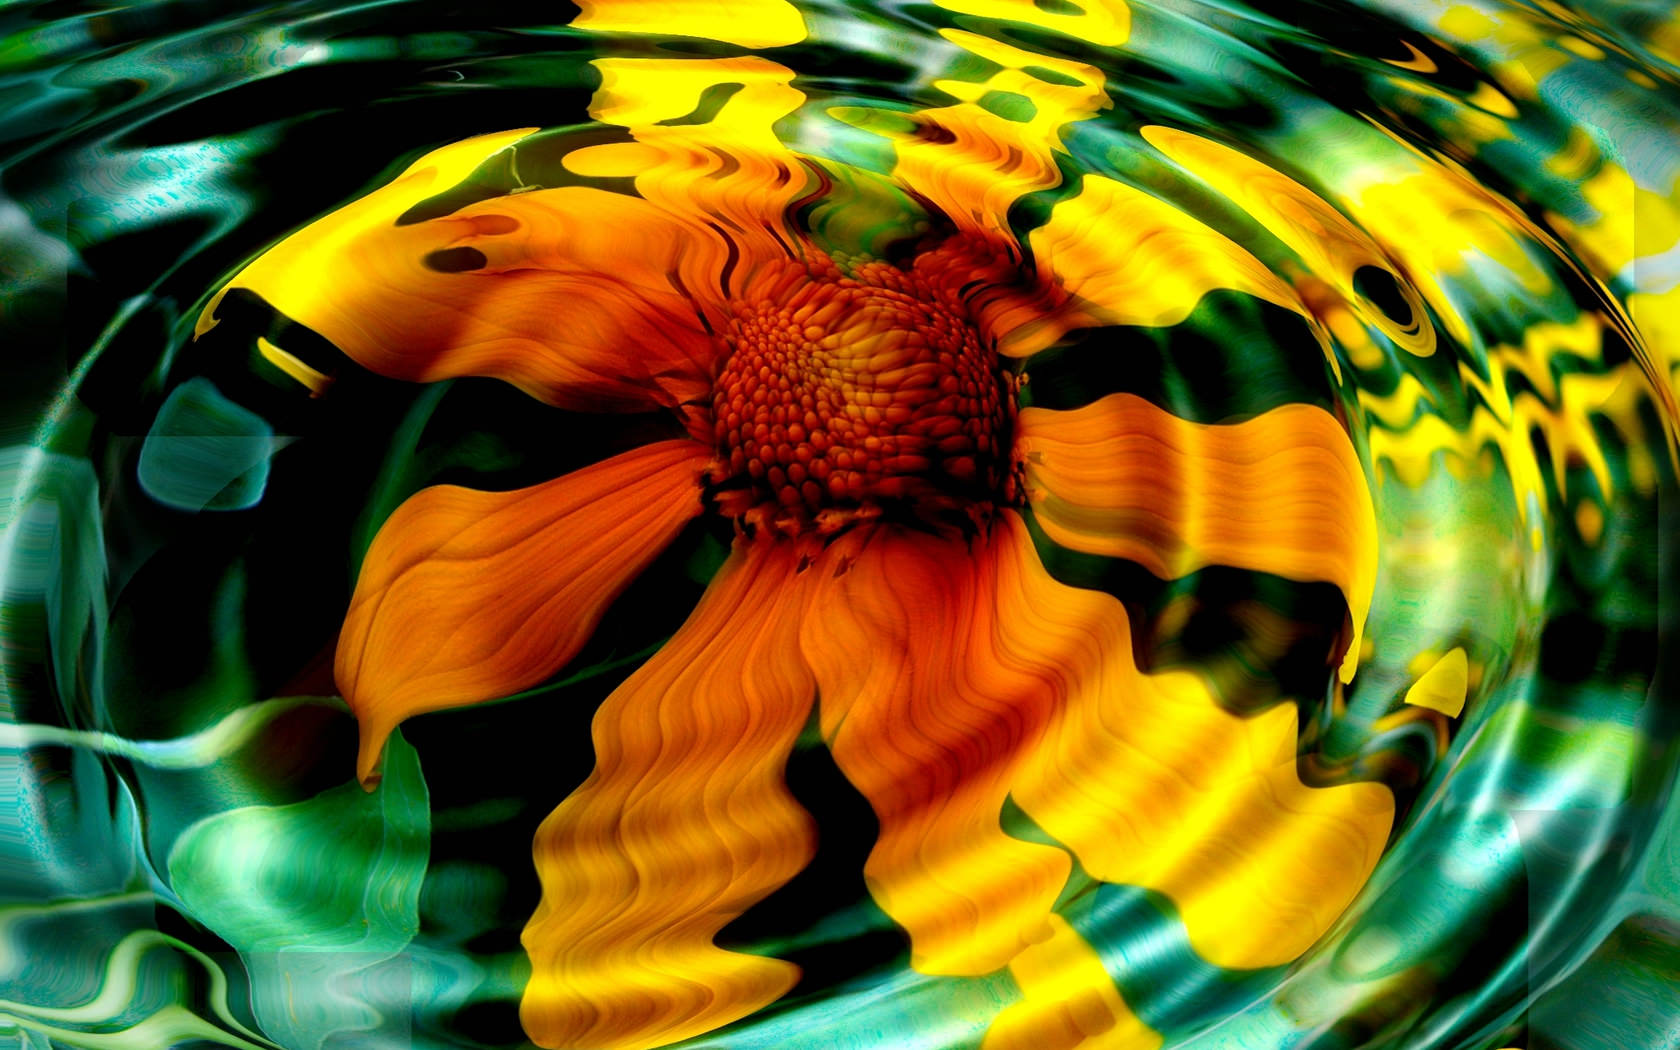 Widescreen Nature Wallpaper 1680x1050 1680x1050